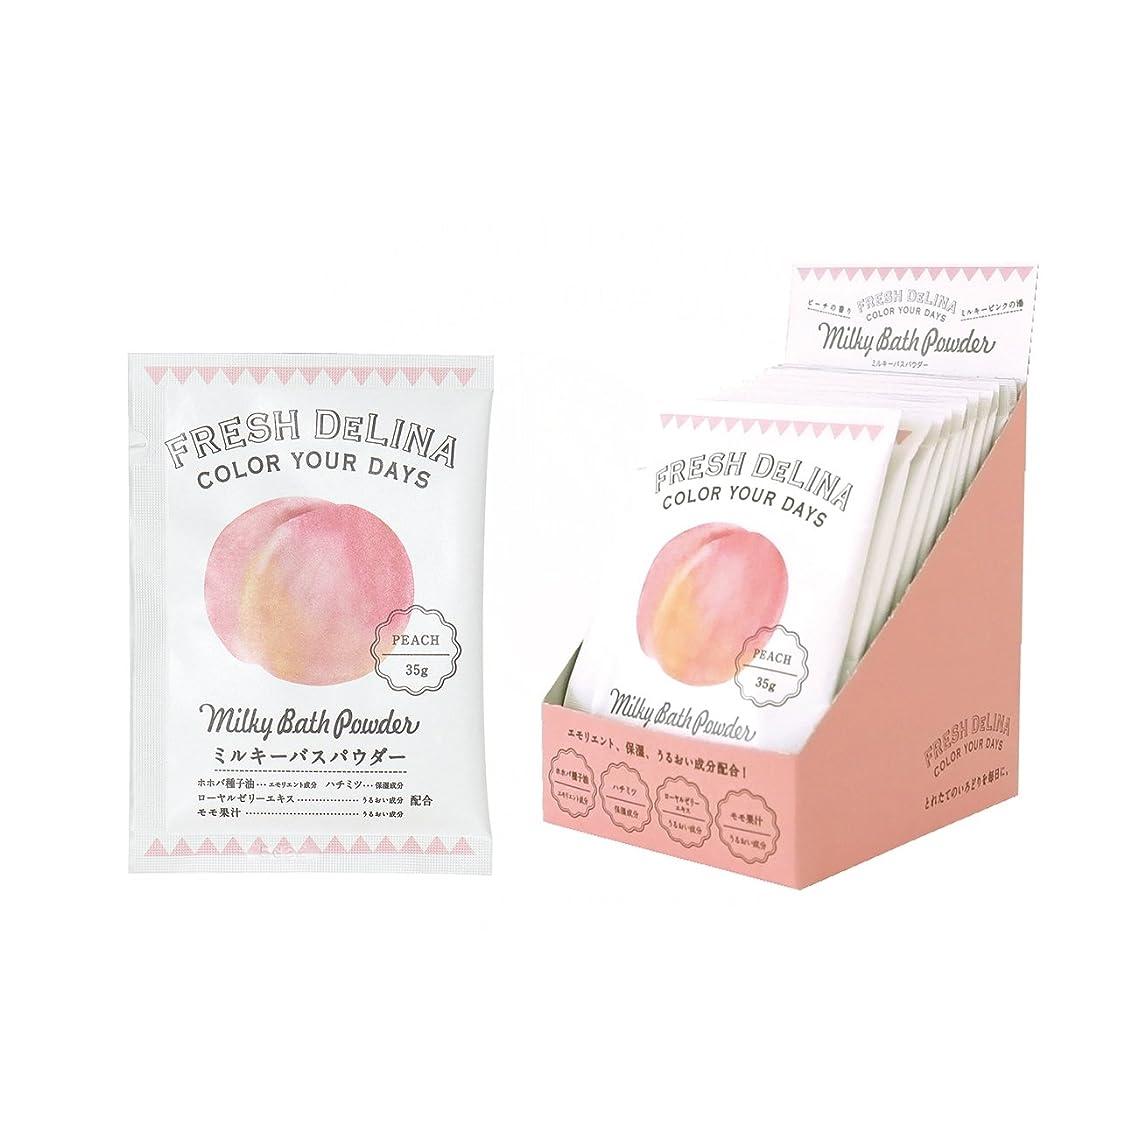 平行ヒップビートフレッシュデリーナ ミルキーバスパウダー 35g (ピーチ) 12個 (白濁タイプ入浴料 日本製 みずみずしい桃の香り)